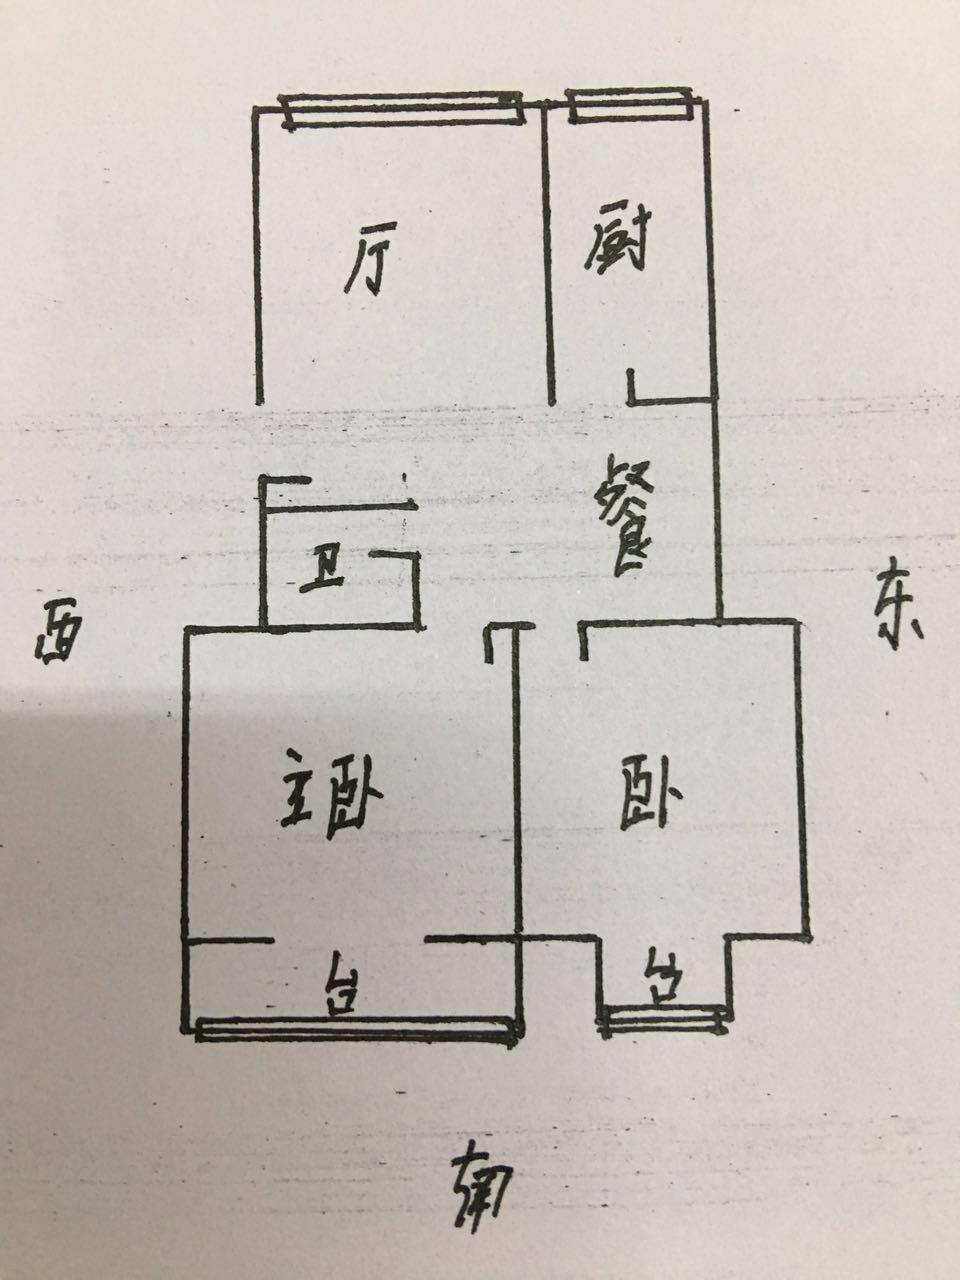 郭家庵小区 2室2厅 3楼